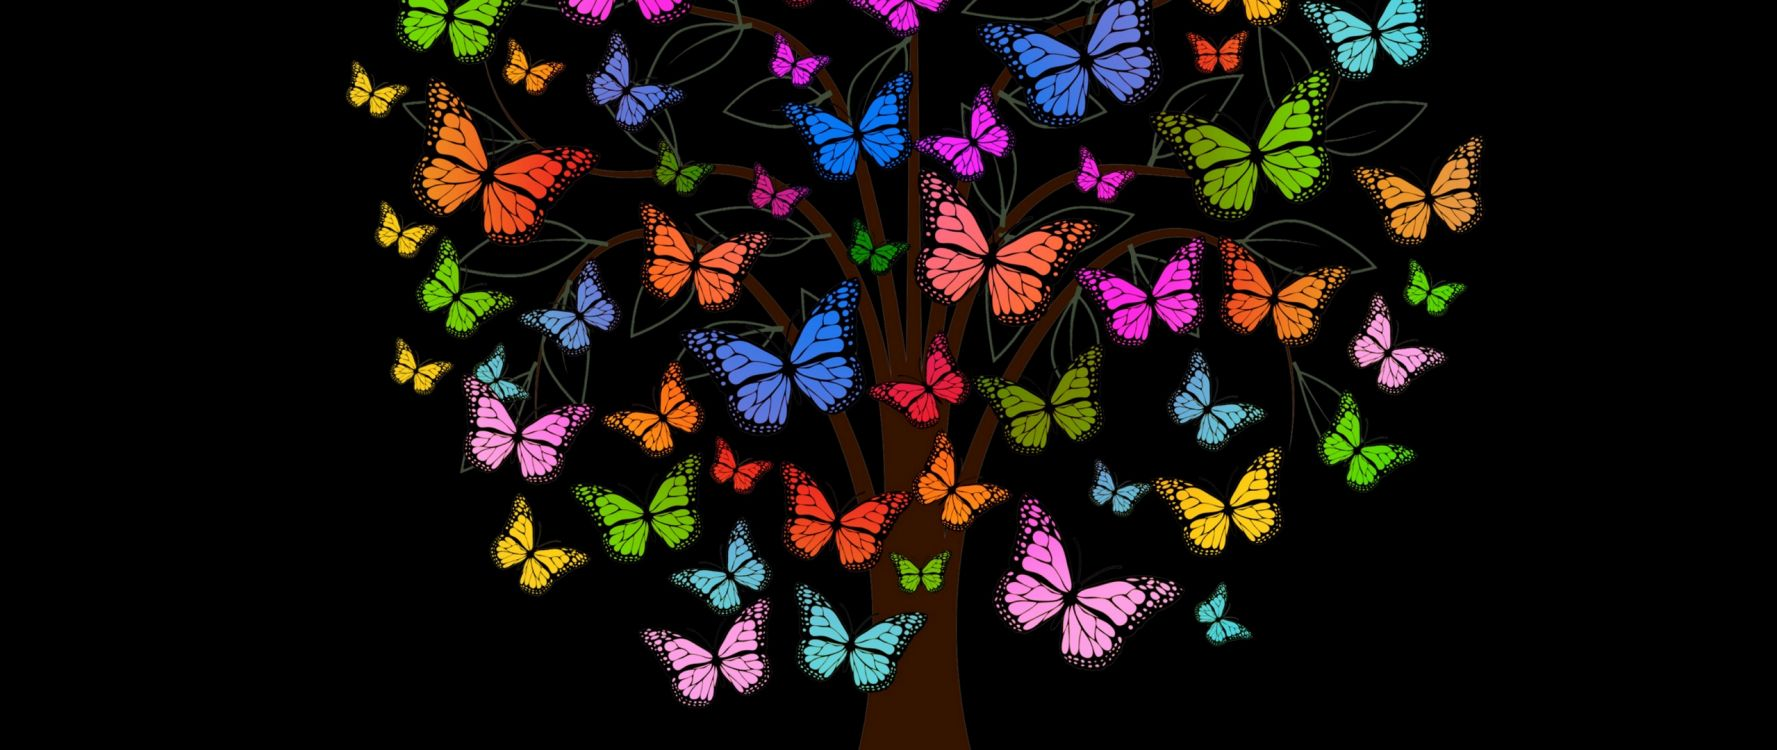 Обои рубашка, искусство, цветок, бабочкамонарх, насекомое в разрешении 2560x1080